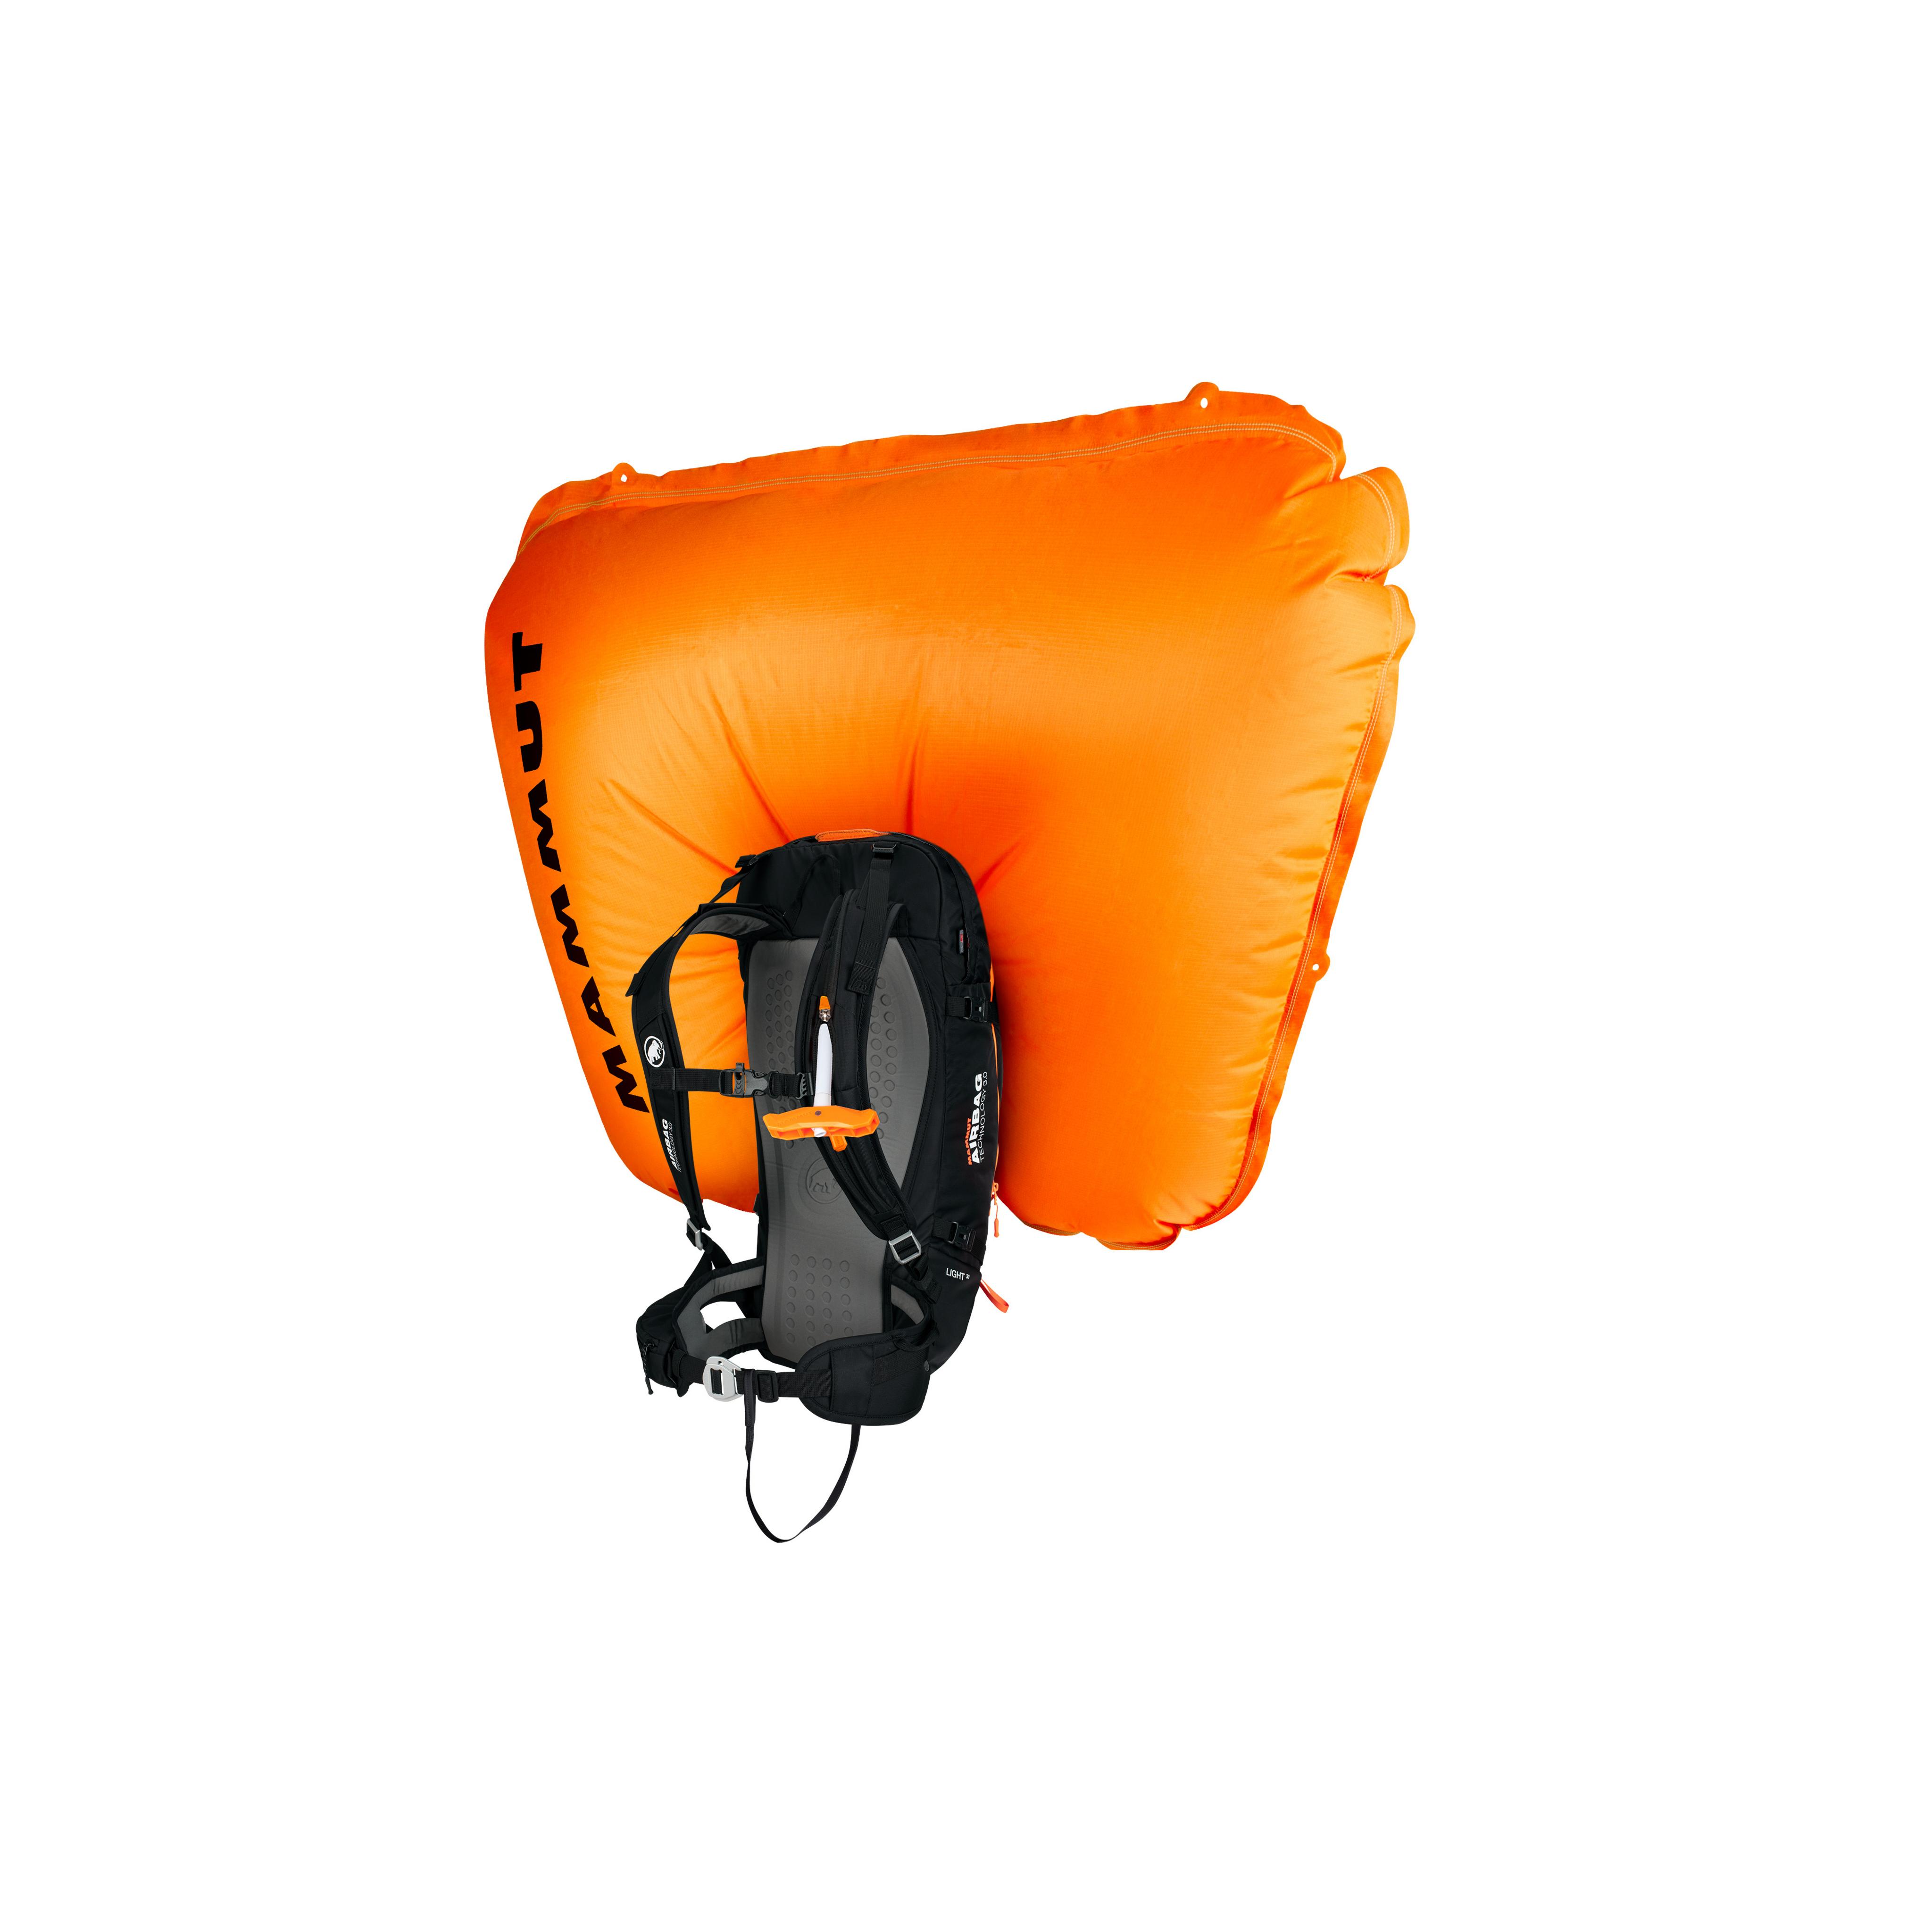 Light Removable Airbag 3.0 - 30 L, black-vibrant orange thumbnail